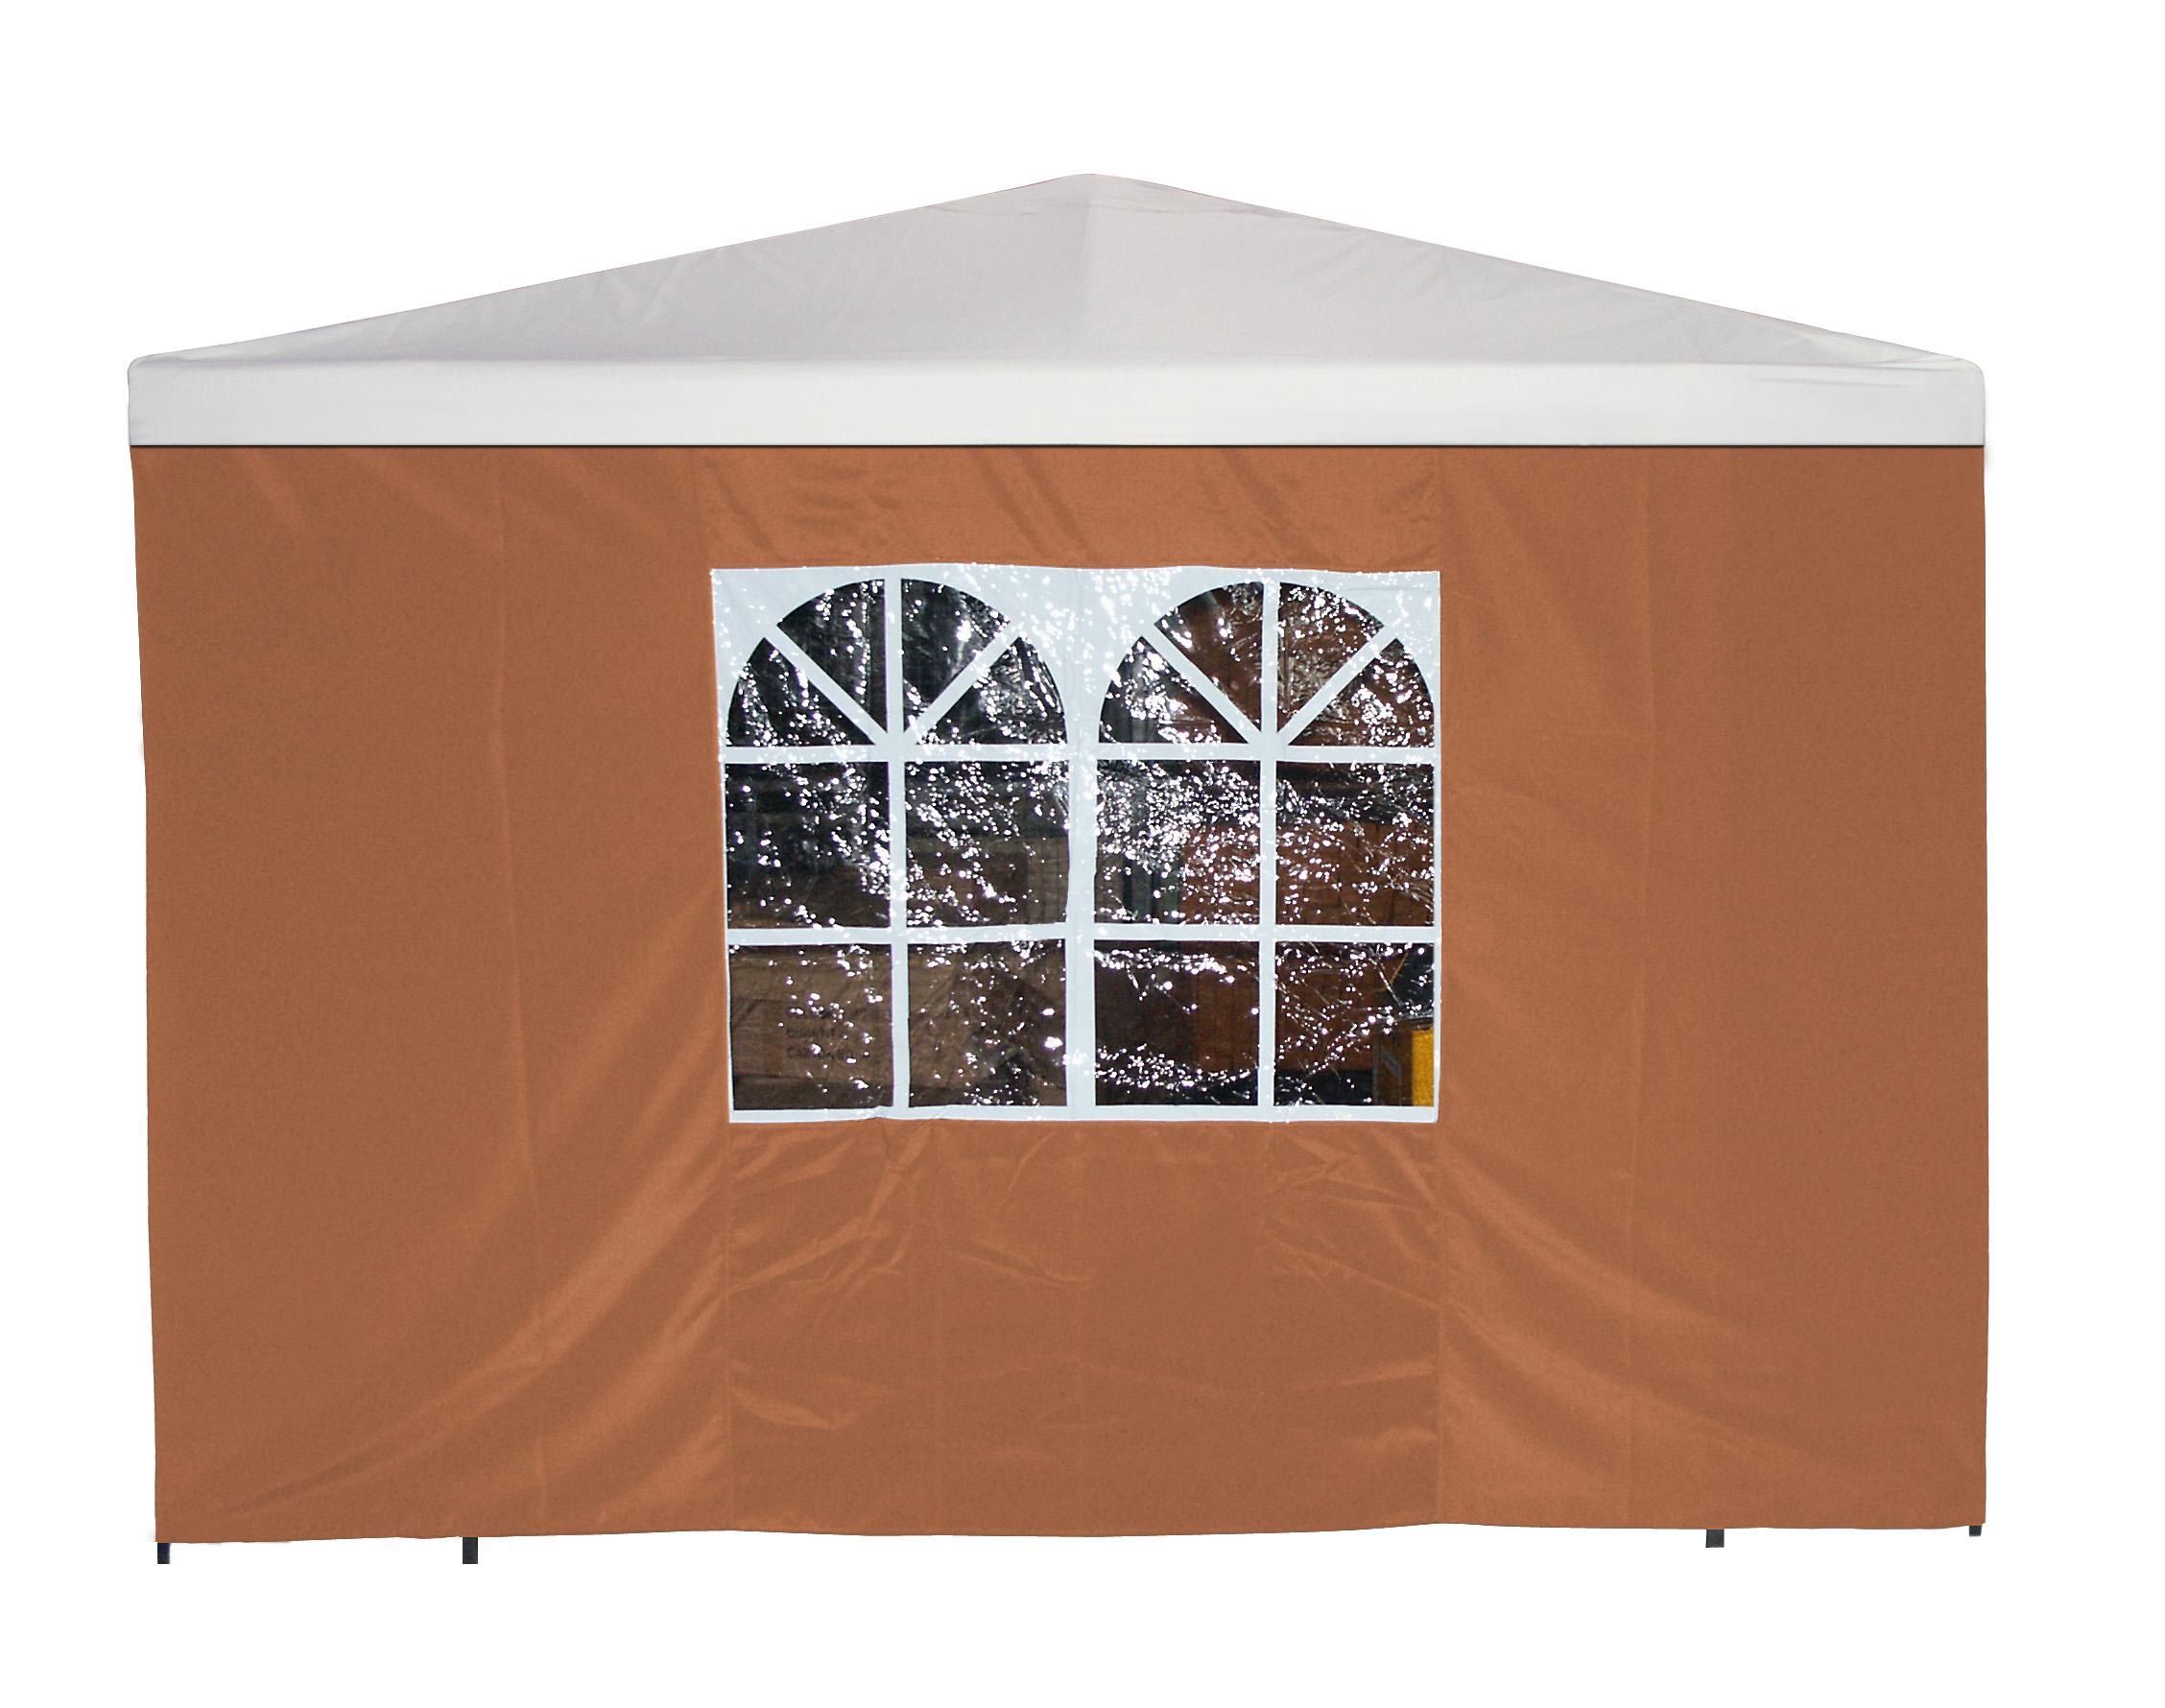 Seitenplane für Pavillon, 3x1,9 Meter, Polyester terracotta mit Fenster